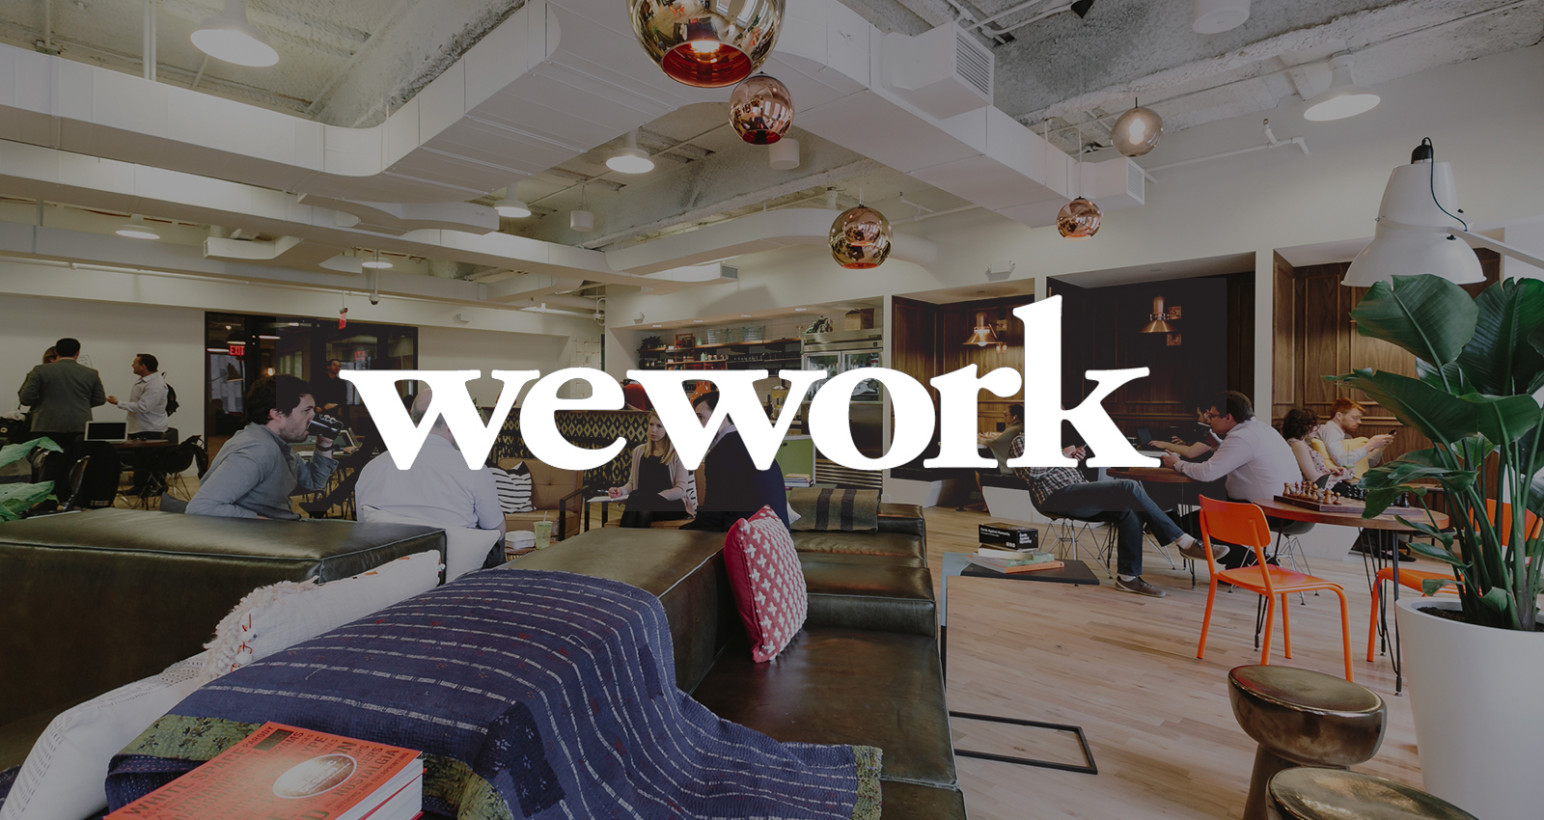 Ý tưởng cho thuê văn phòng, chỗ làm việc lớn nhất Hành tinh cũng có ngày gặp khó khăn (khởi nghiệp tuyệt đối phải tỉnh táo, không chạy theo xu hướng)